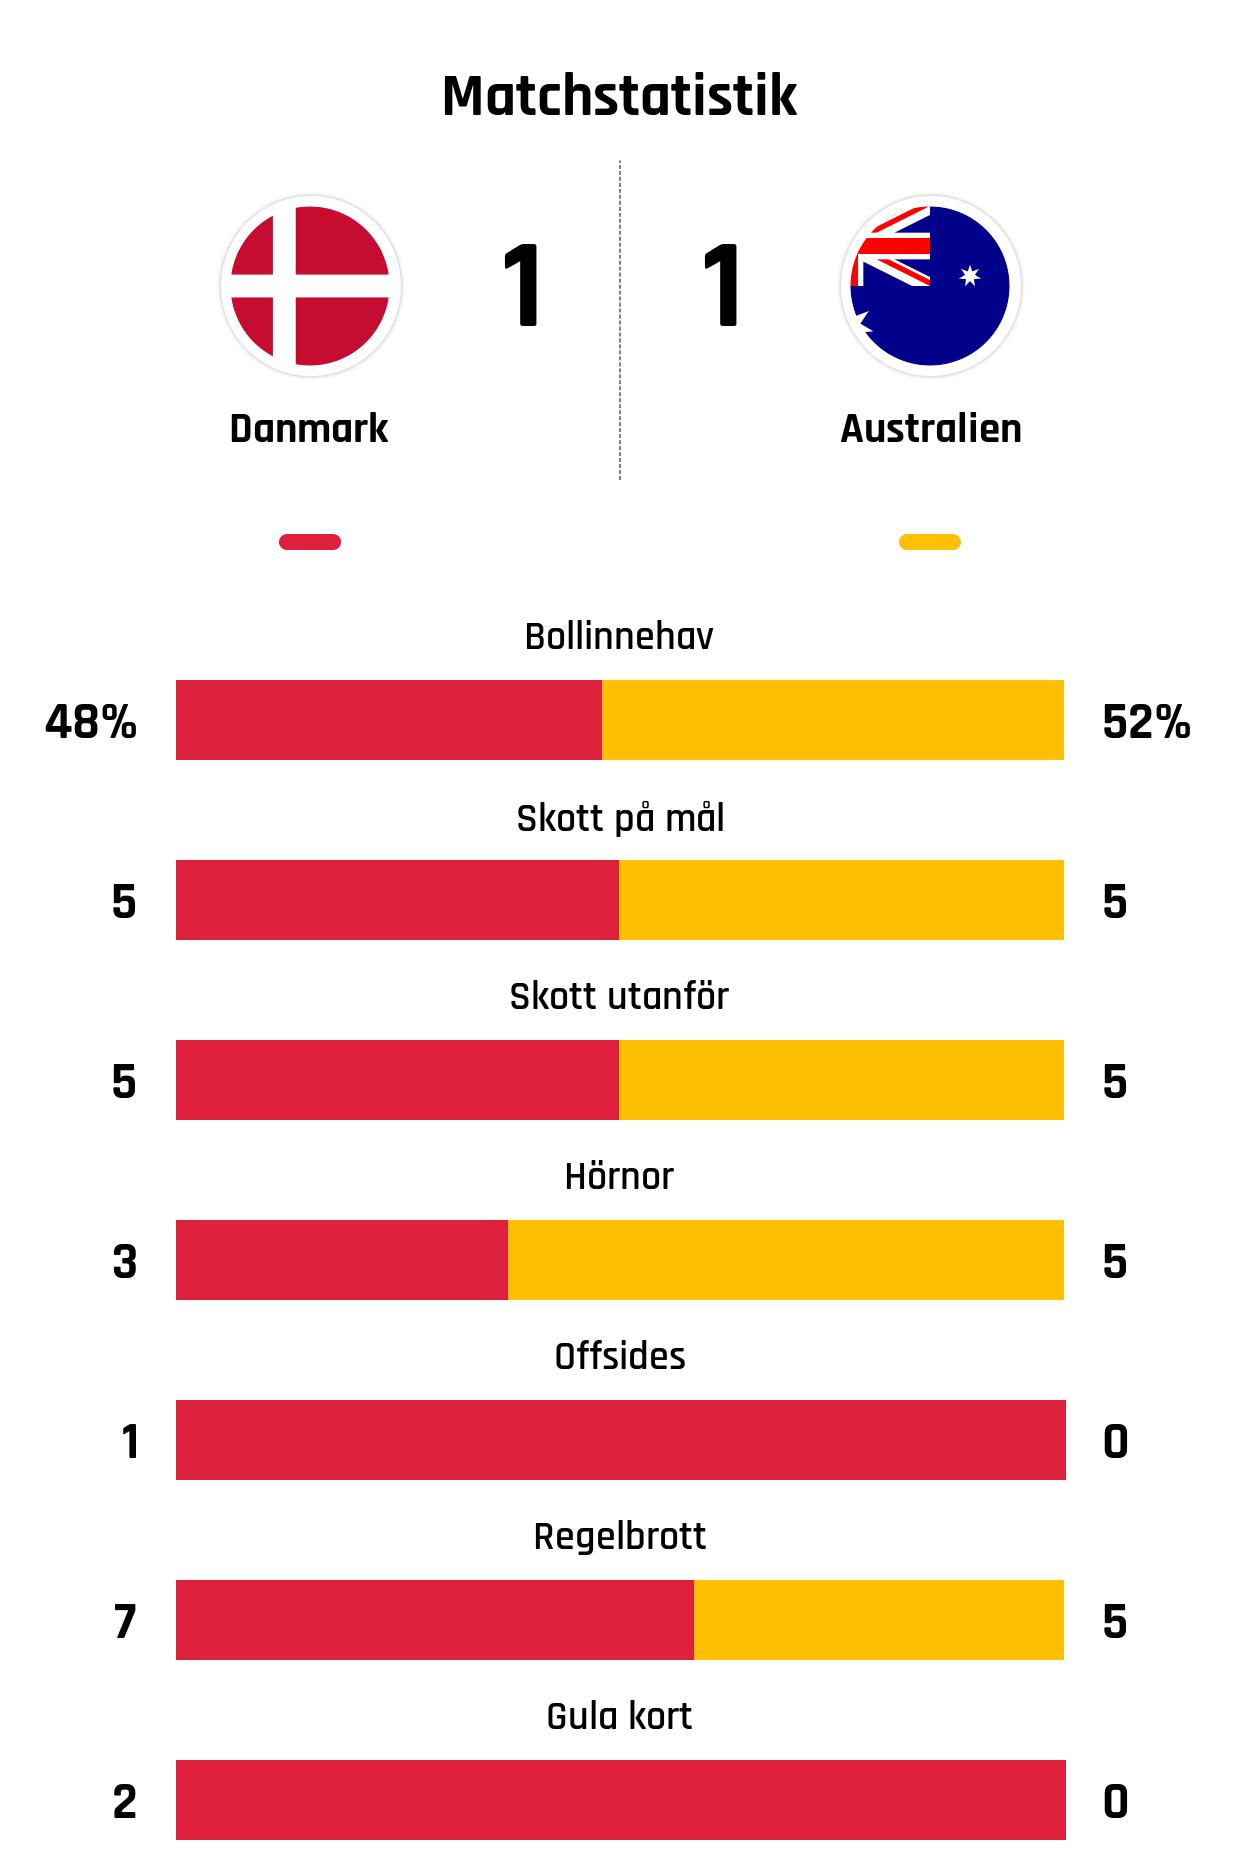 Bollinnehav 48%-52%<br /> Skott på mål 5-5<br /> Skott utanför 5-5<br /> Hörnor 3-5<br /> Offsides 1-0<br /> Regelbrott 7-5<br /> Gula kort 2-0